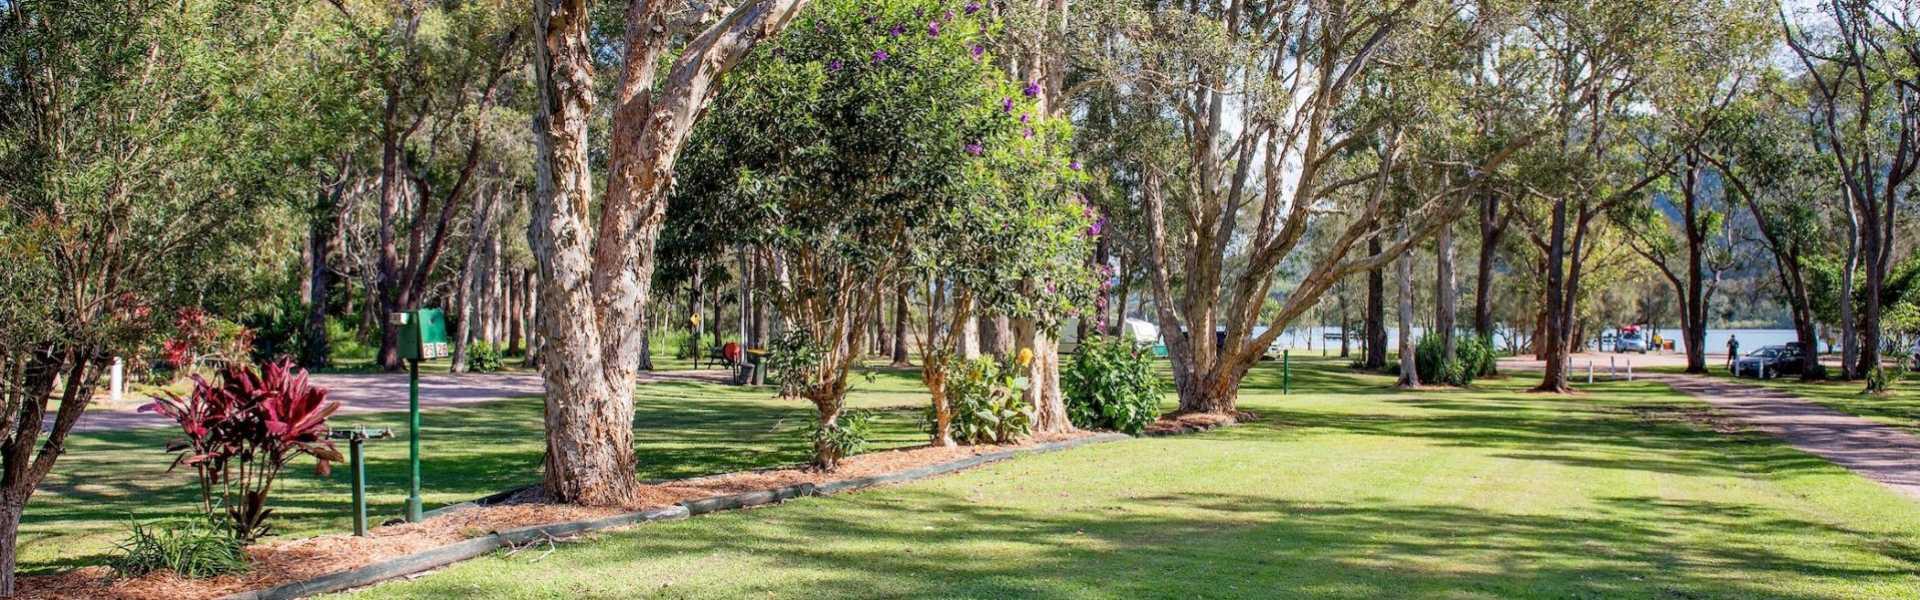 Kui Parks, Diamond Waters Caravan Park, Dunbogan, Park